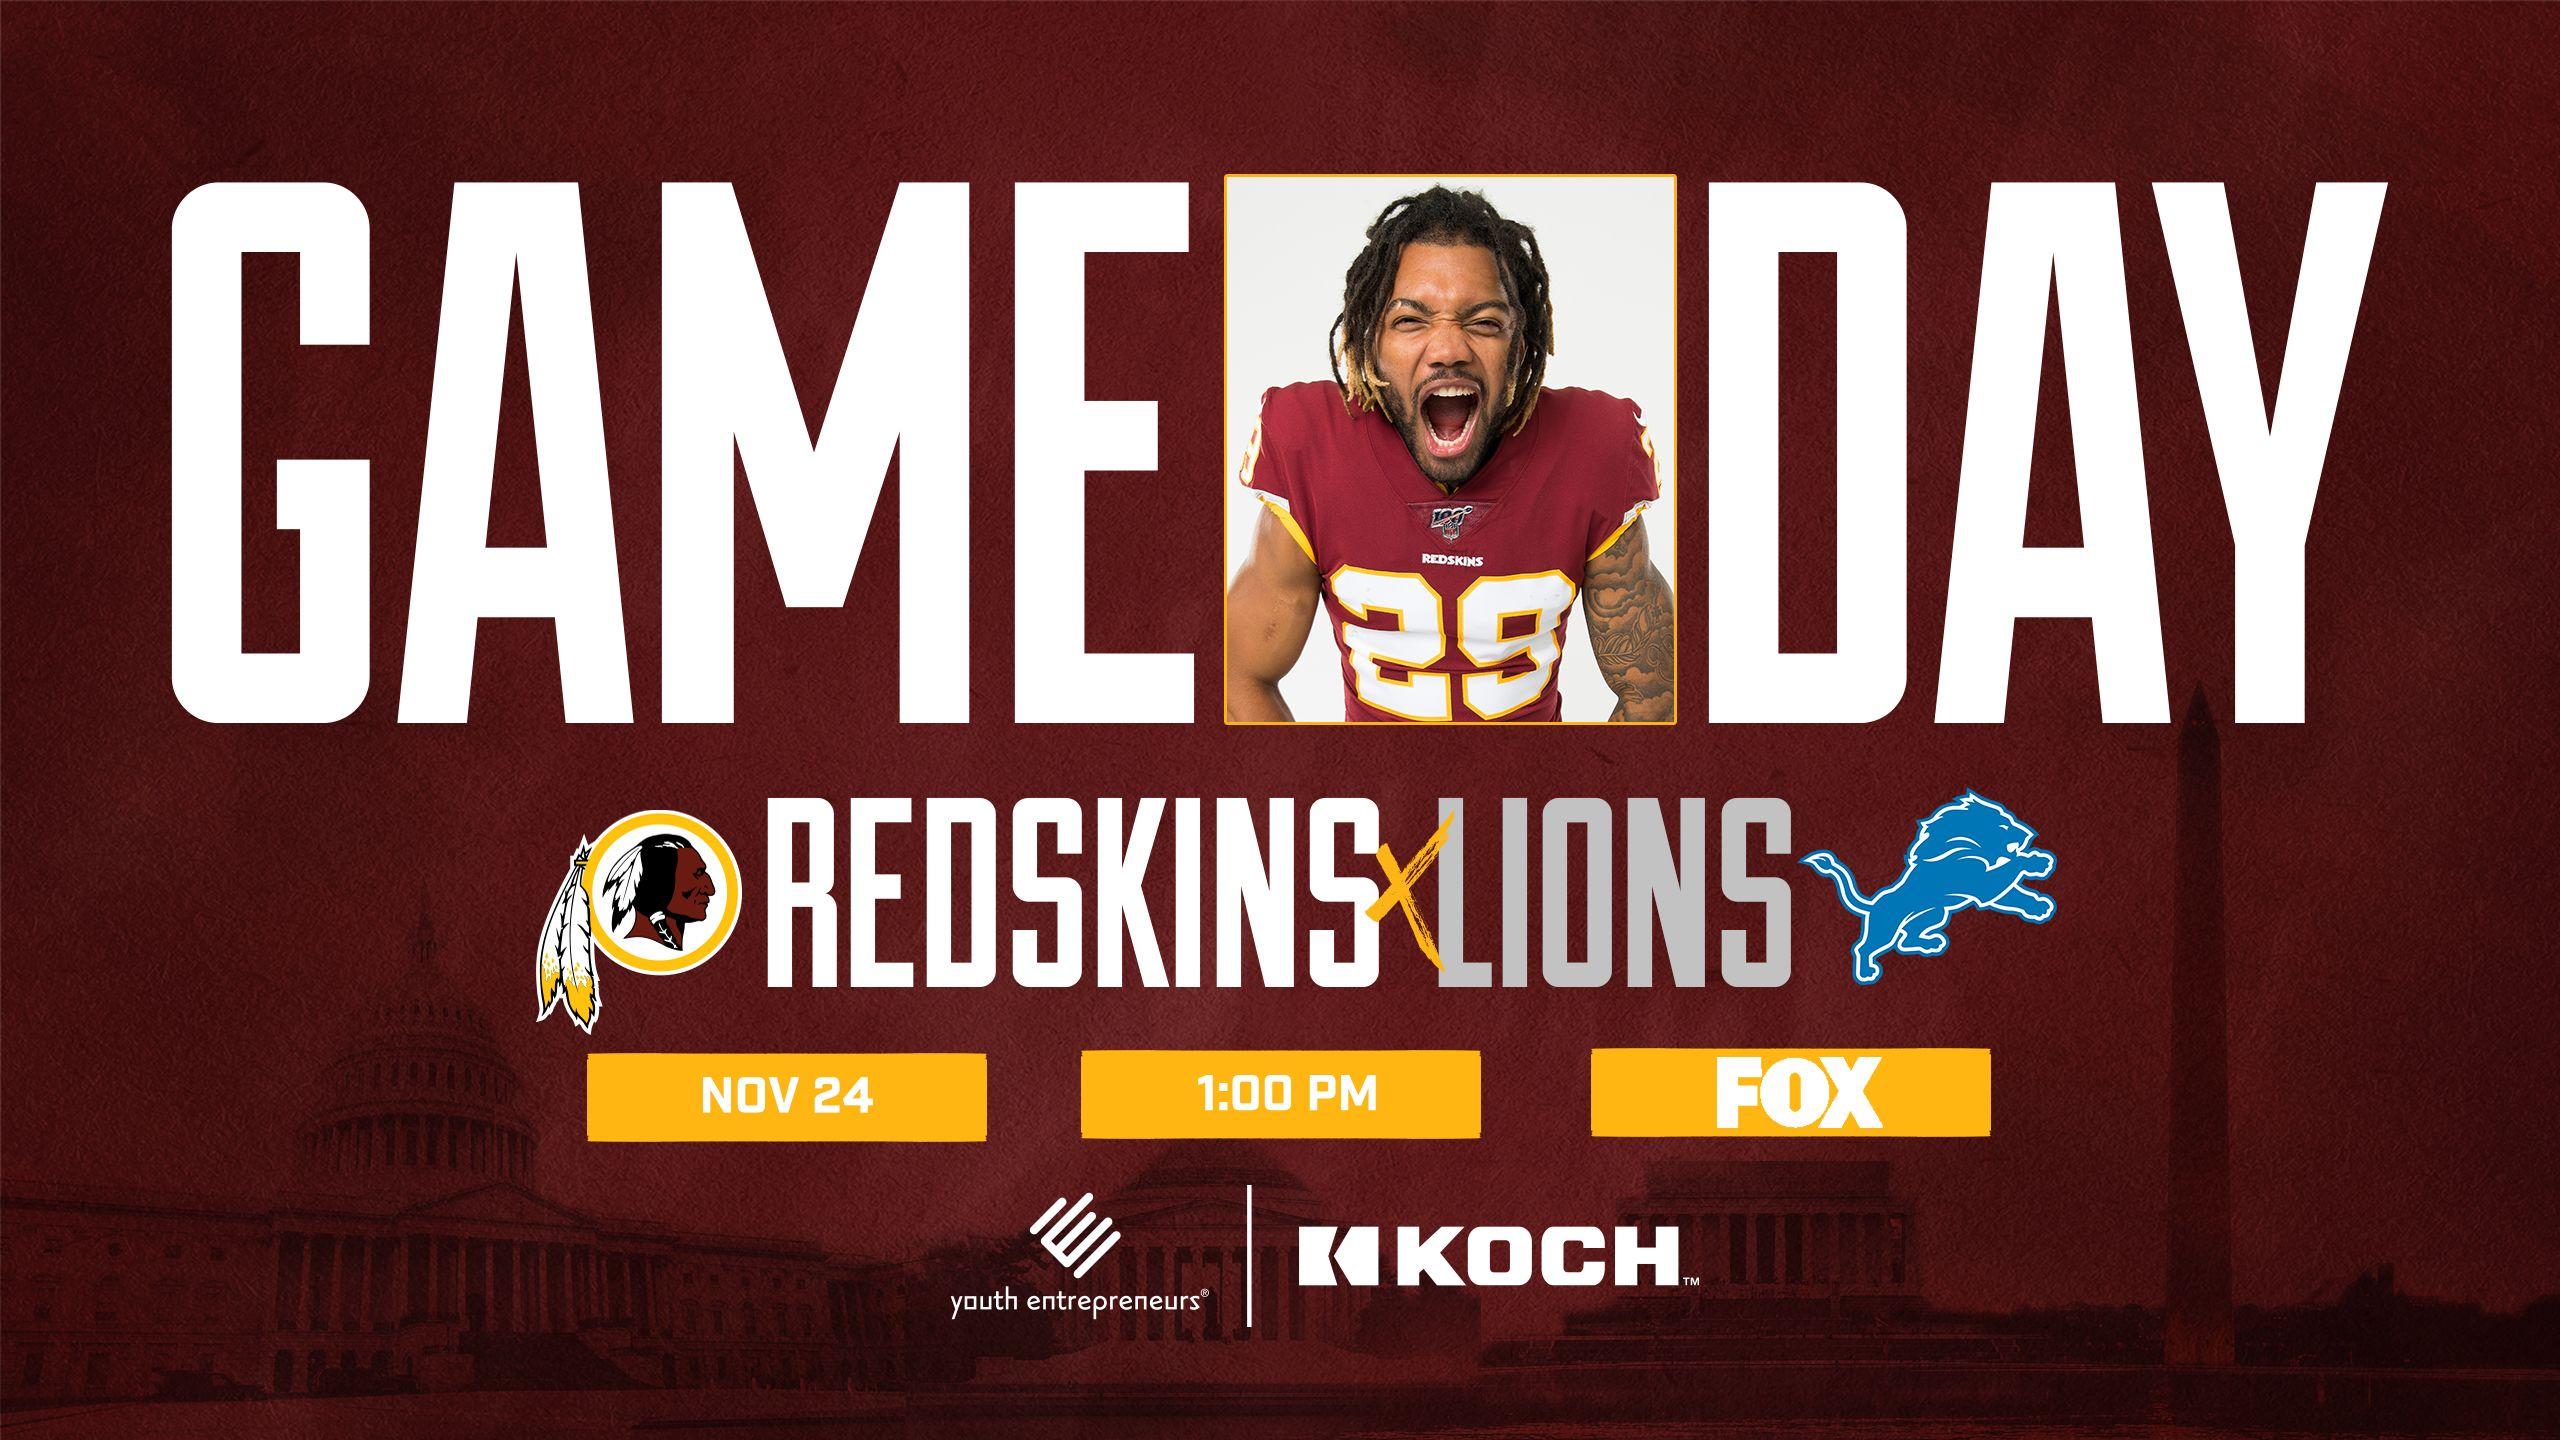 2019-week-11-lions-gameday-header-v2